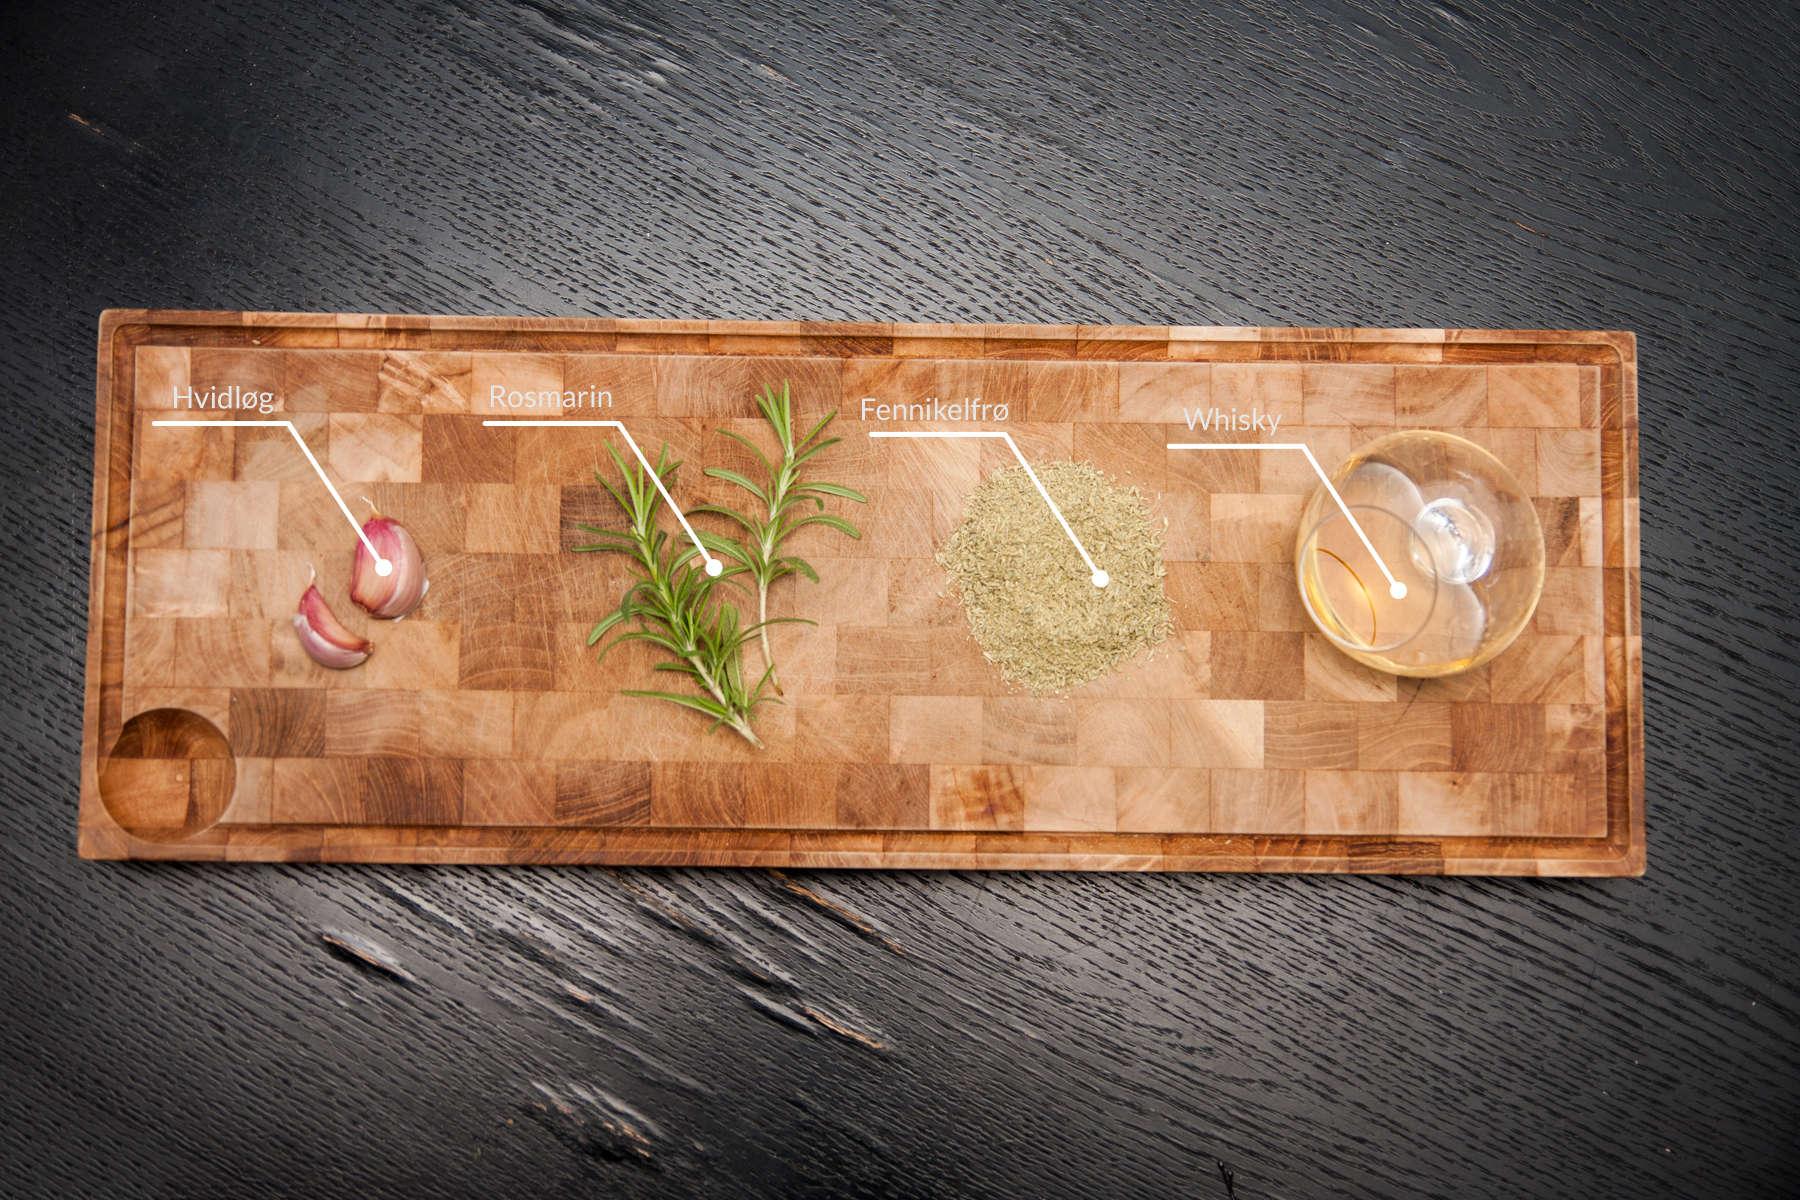 Rosmarin, hvidløg, fennikelfrø og whisky